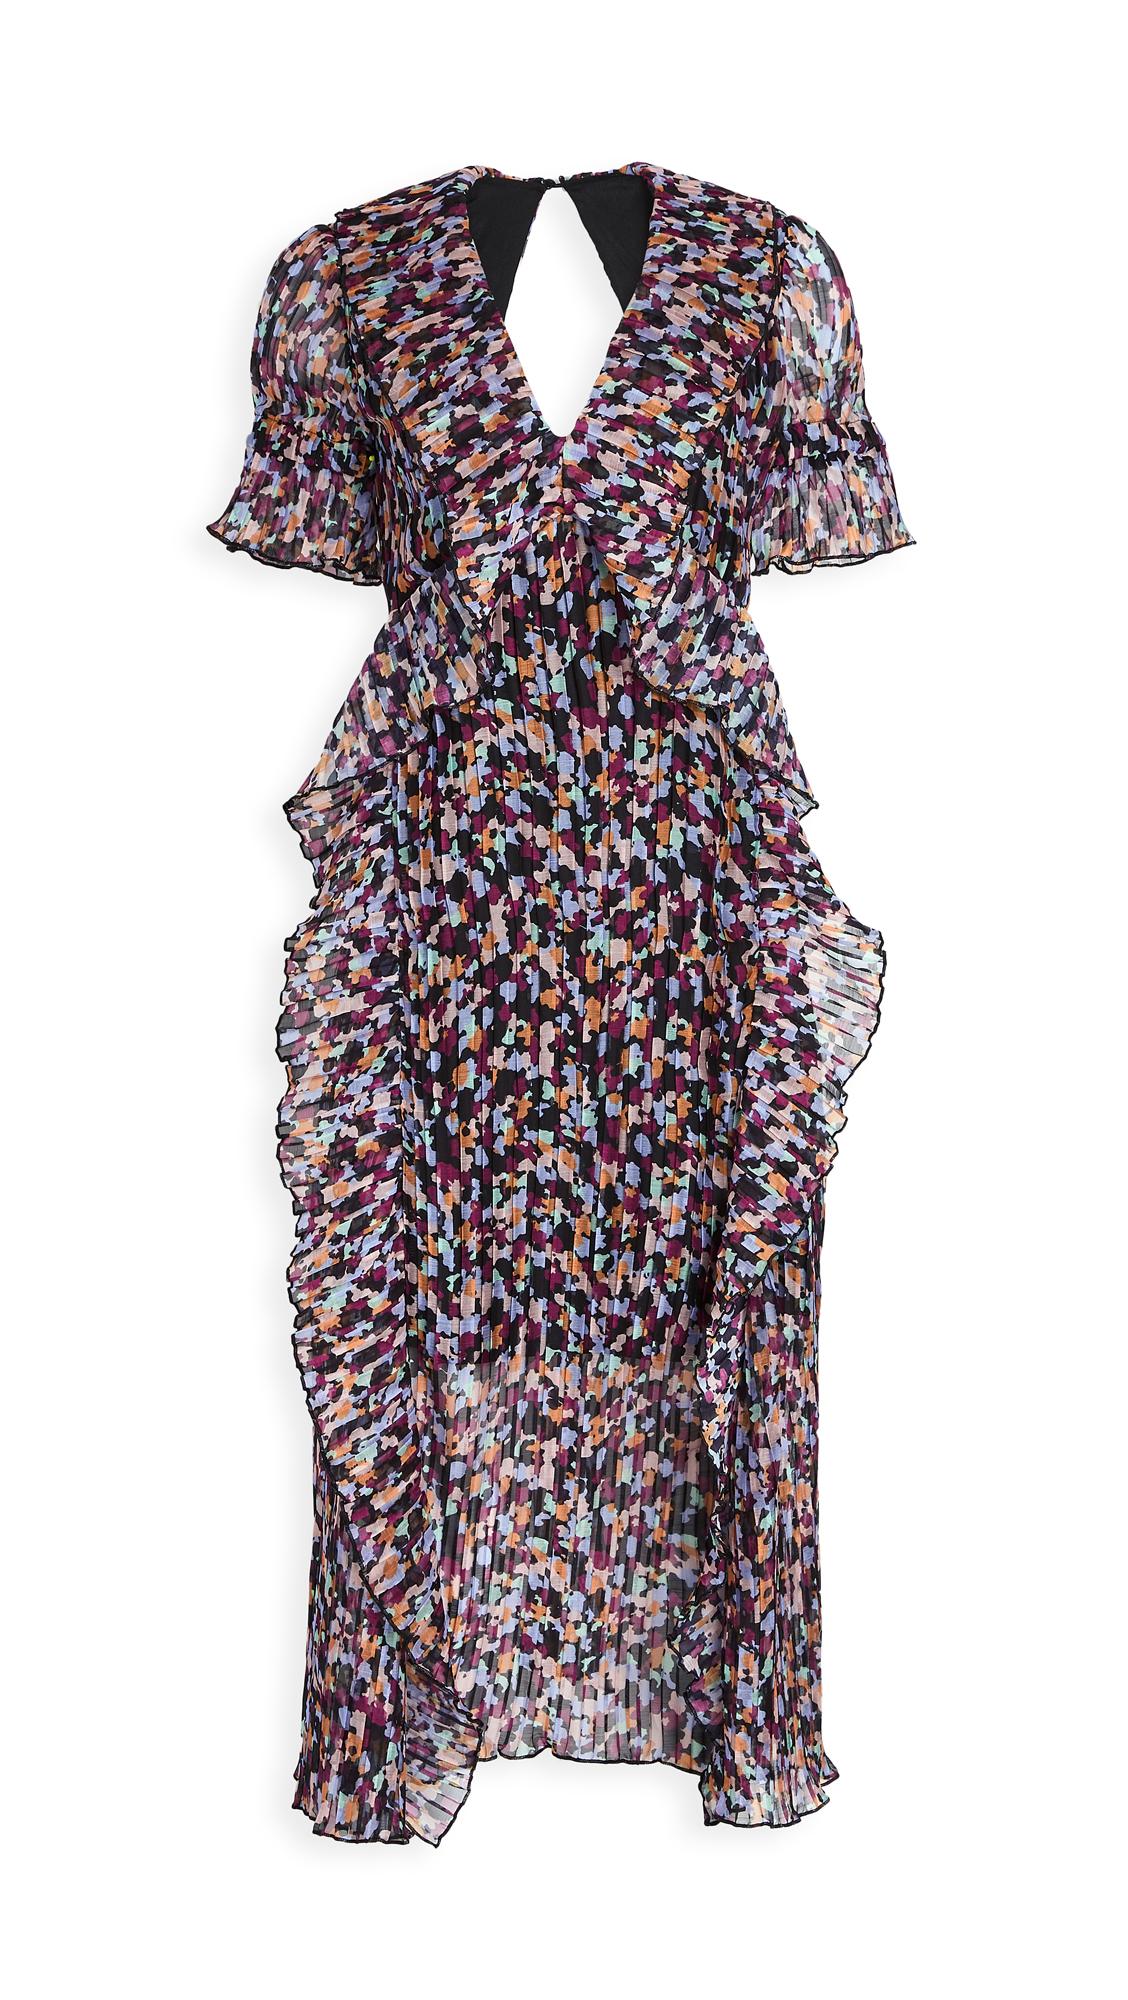 OPT Garzen Dress - 30% Off Sale